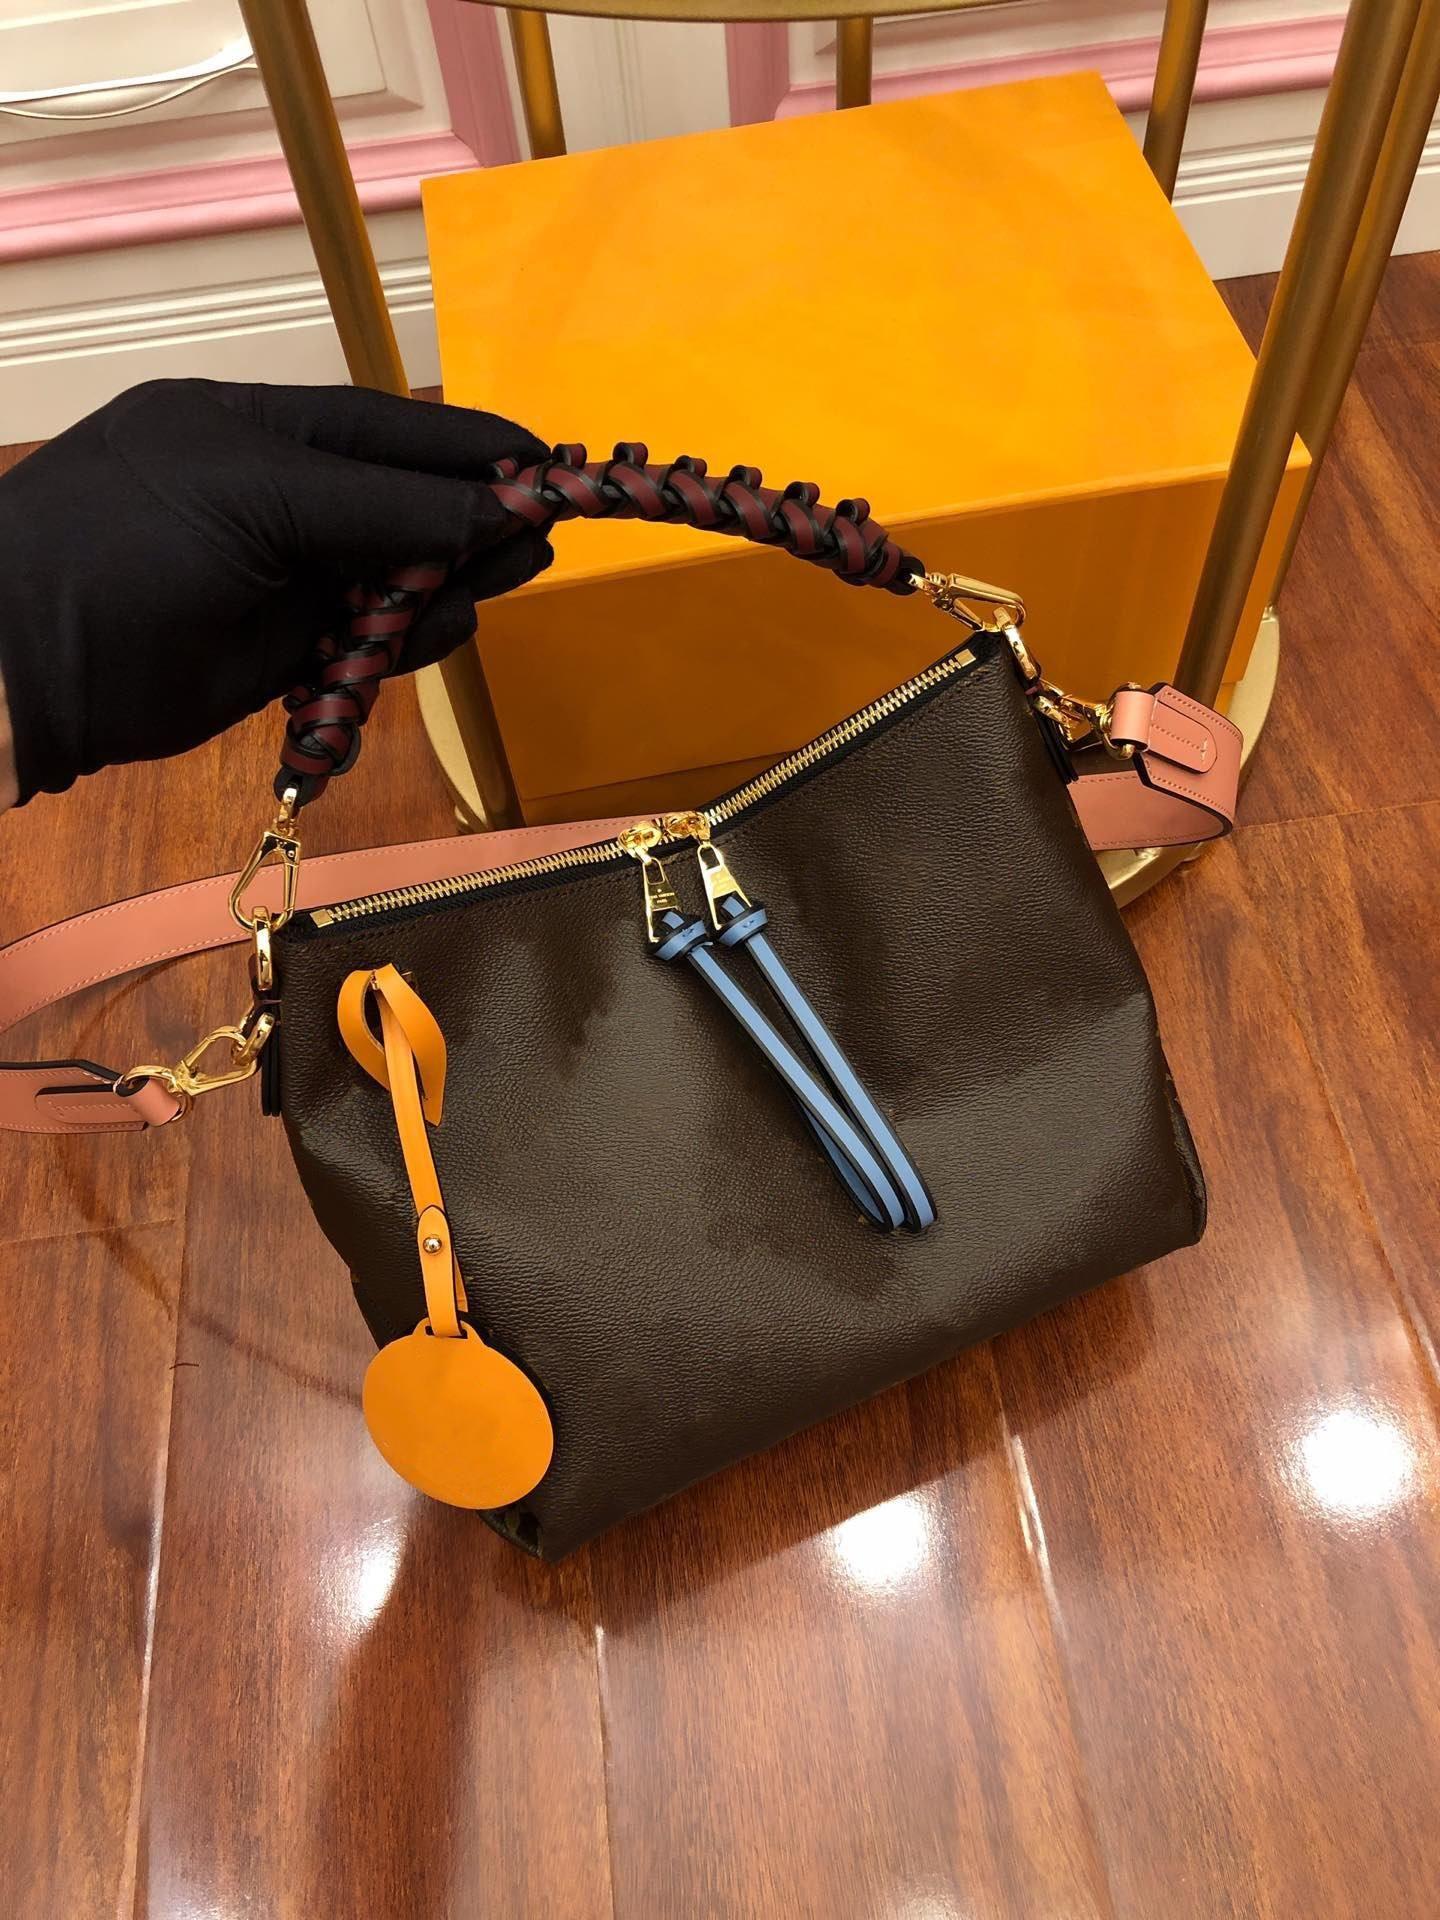 2021 M56084 Fashion M55090 Borse Donne Messenger Totes Borsa in pelle Luxurys Borsa a tracolla Borsa a tracolla Hobo Purse Portafoglio Xogmj